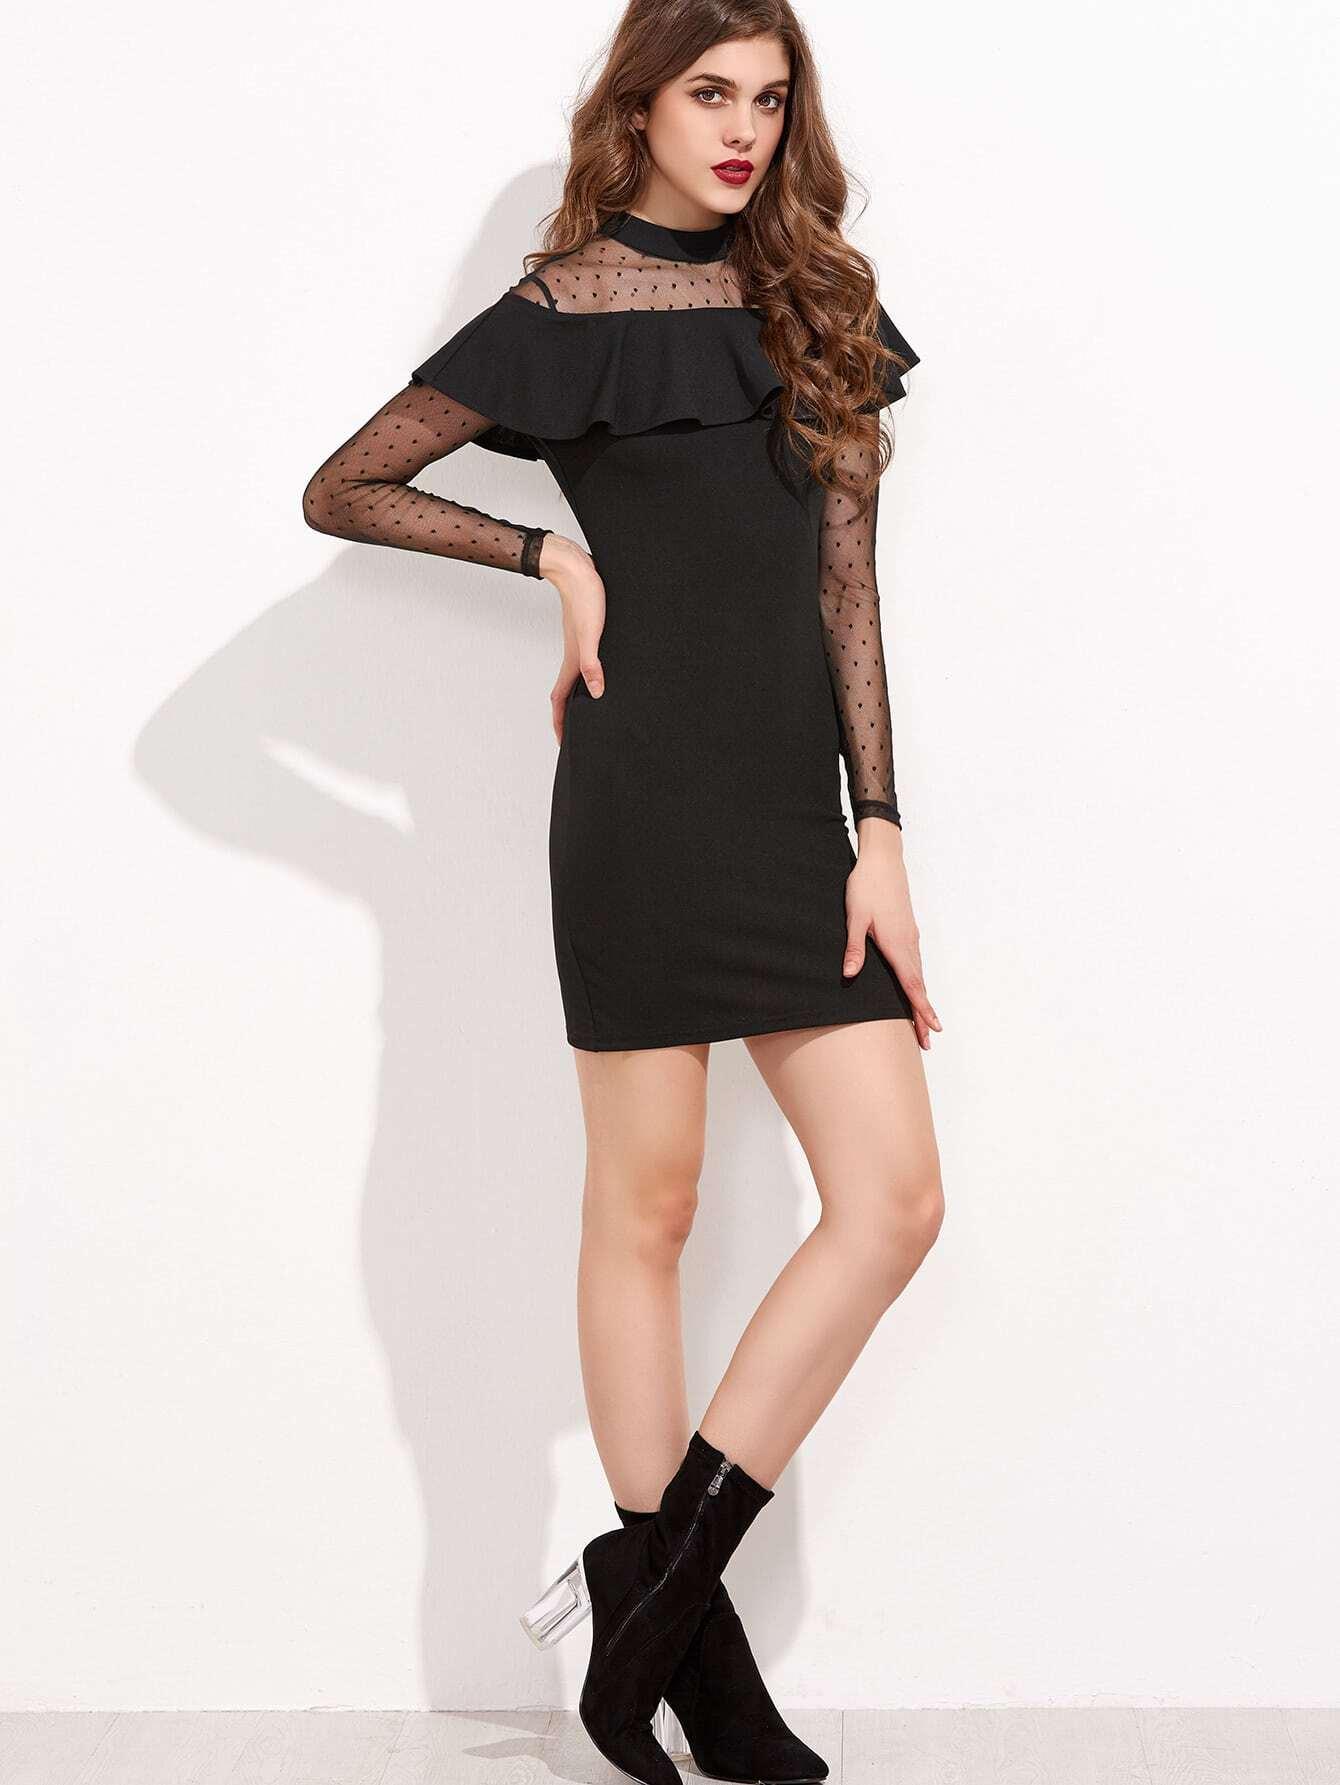 dress161202721_2